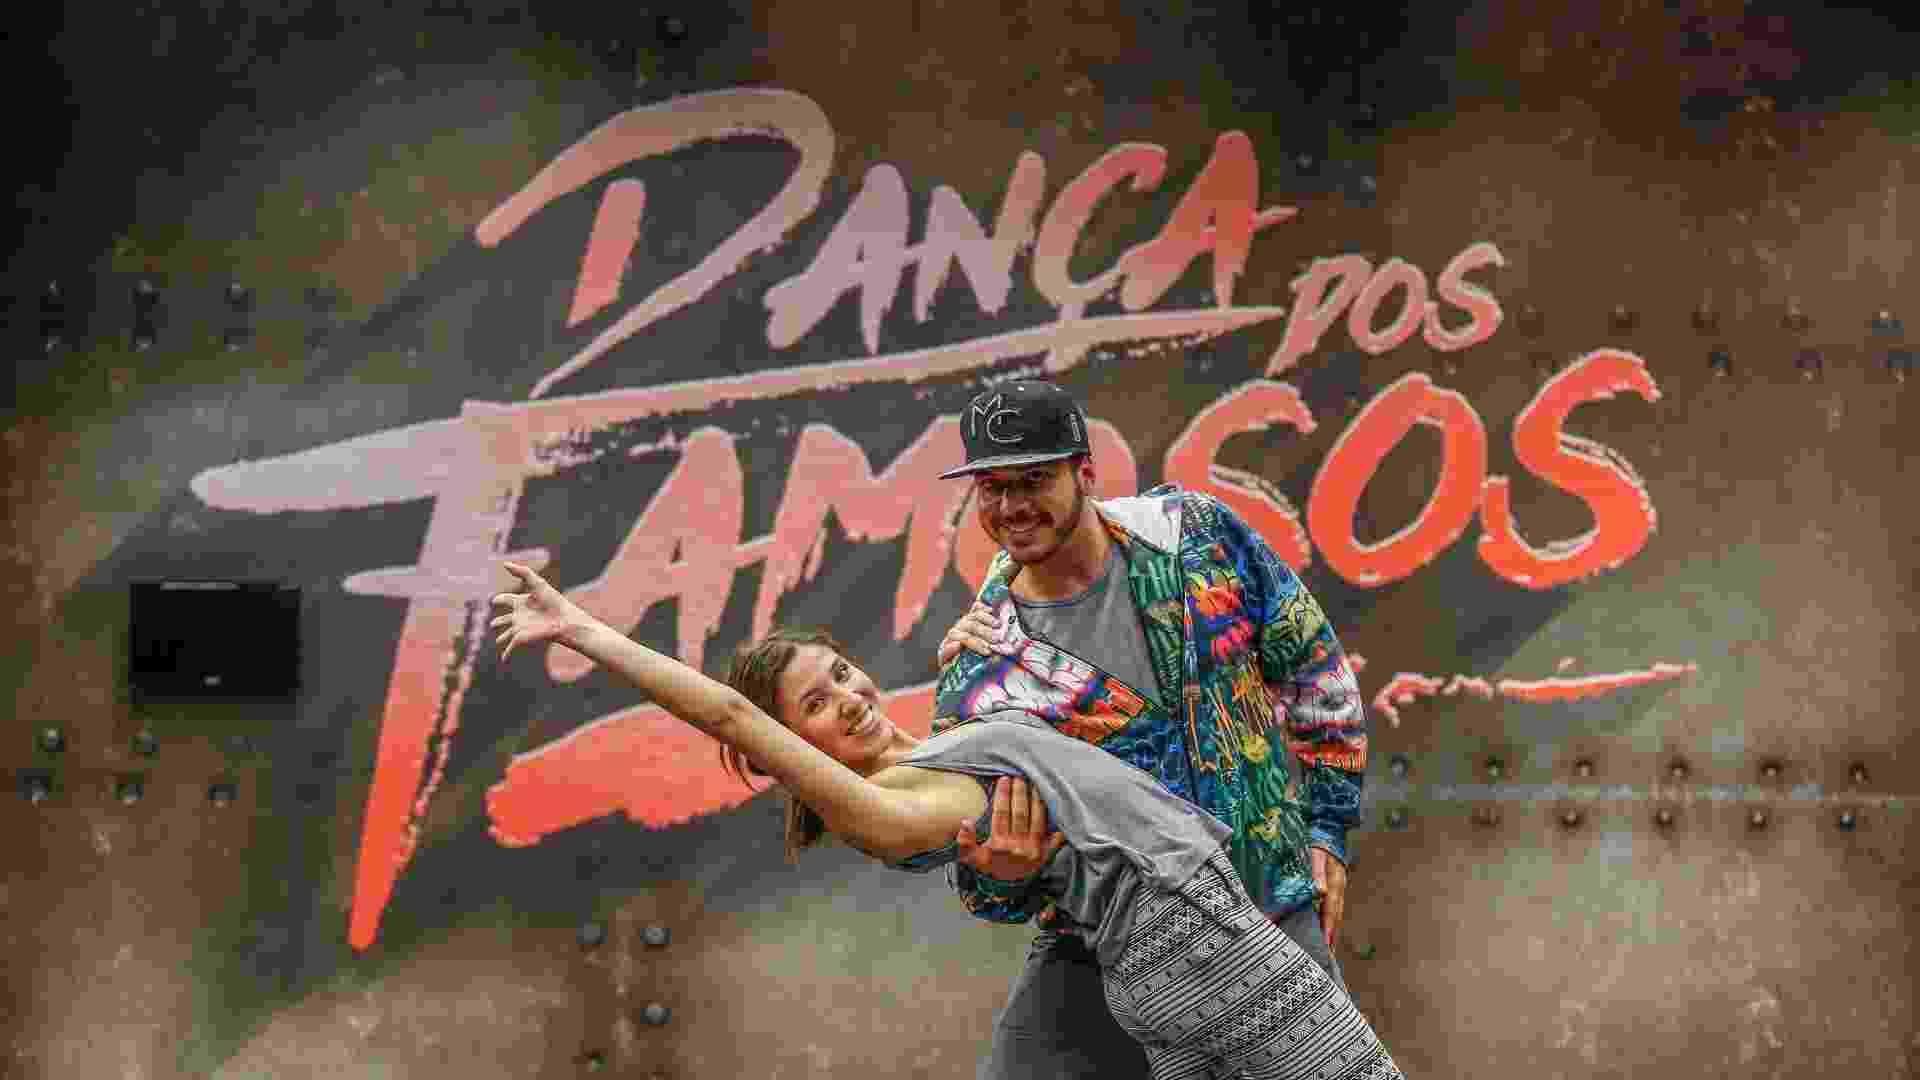 Dança dos Famosos 10 - Marco Teixeira/UOL